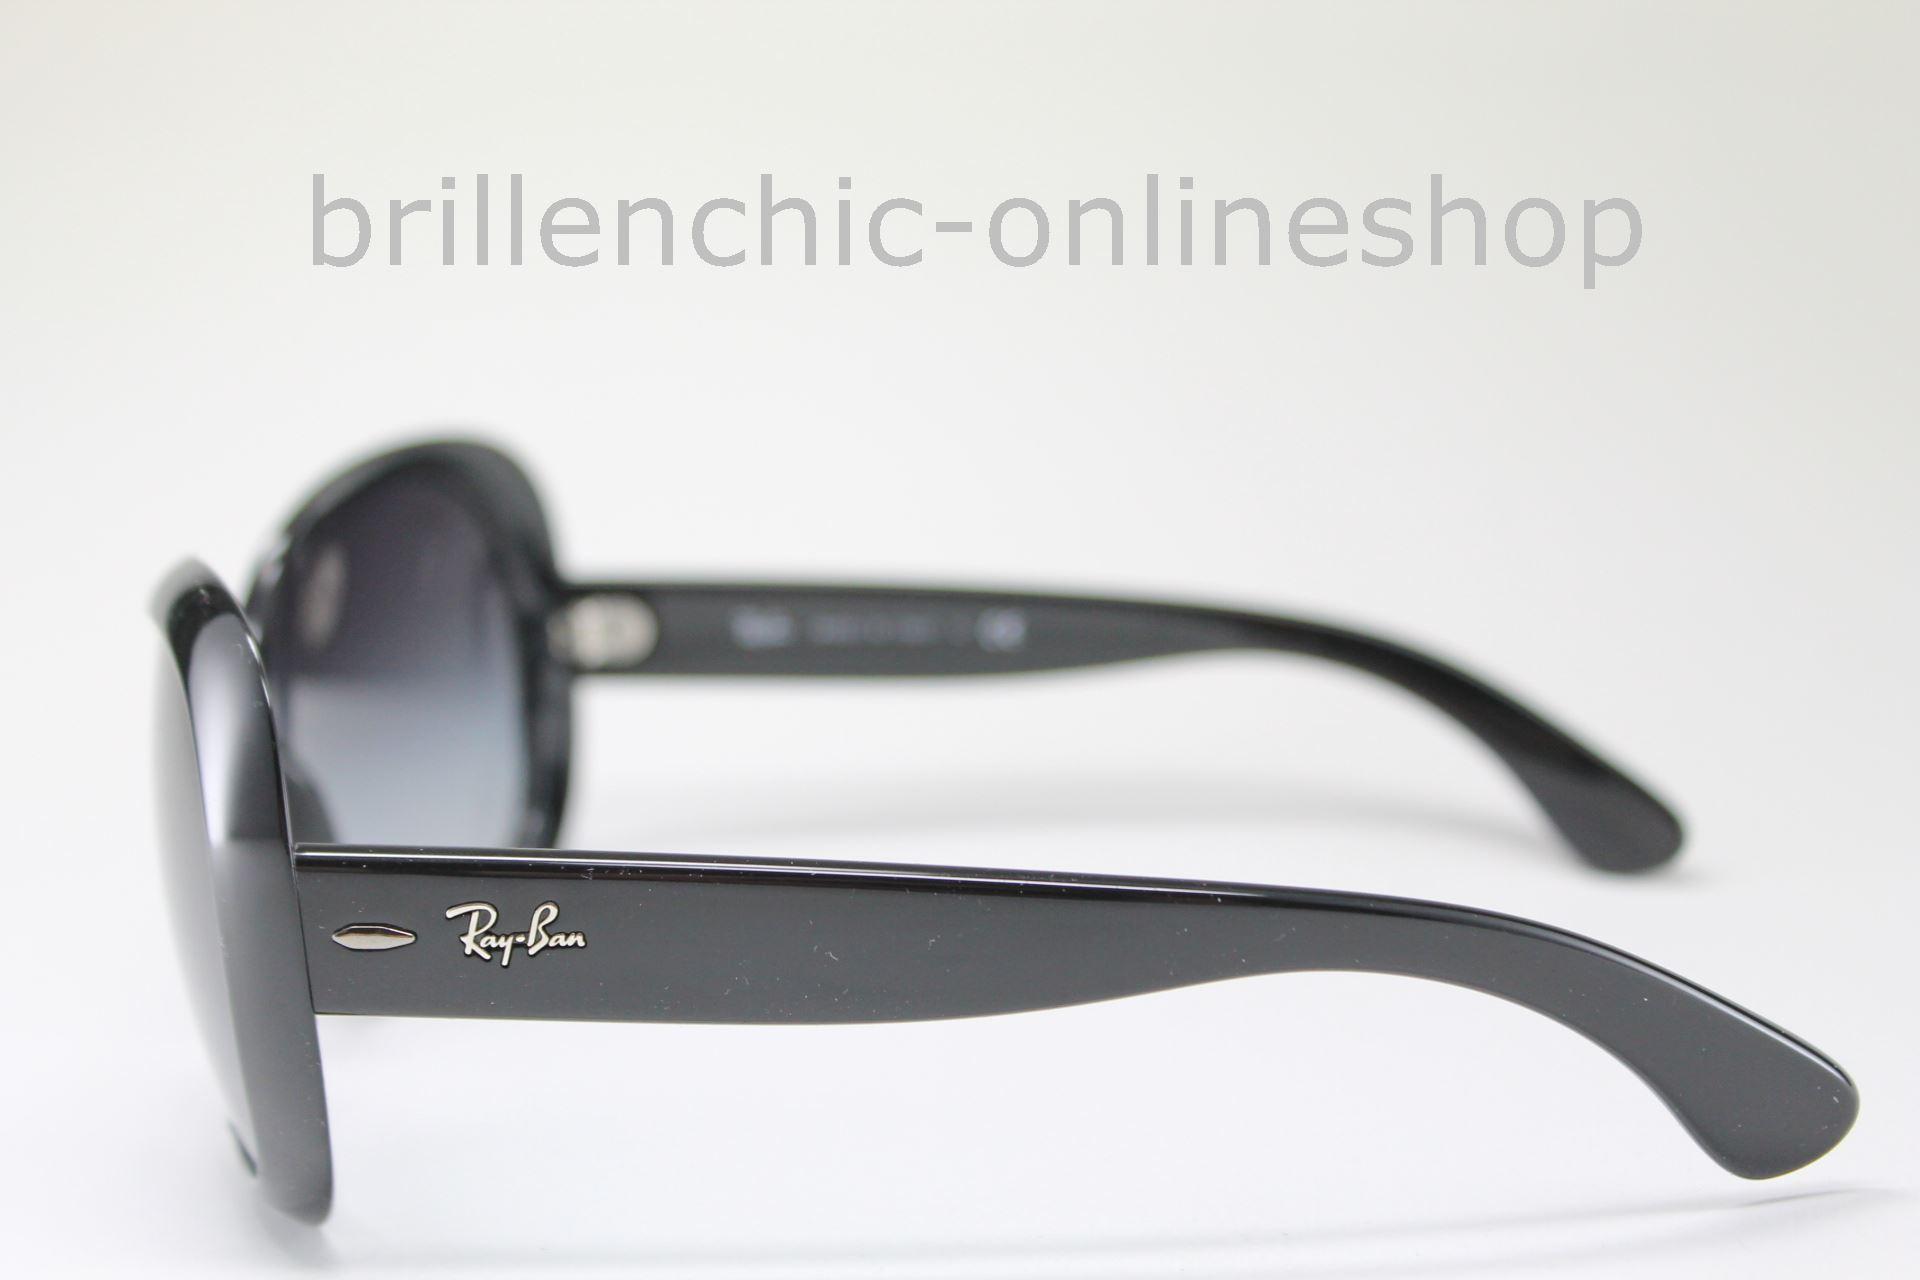 auf Füßen Bilder von schnüren in dauerhafte Modellierung Brillenchic-onlineshop in Berlin - Ray Ban JACKIE OHH II RB ...